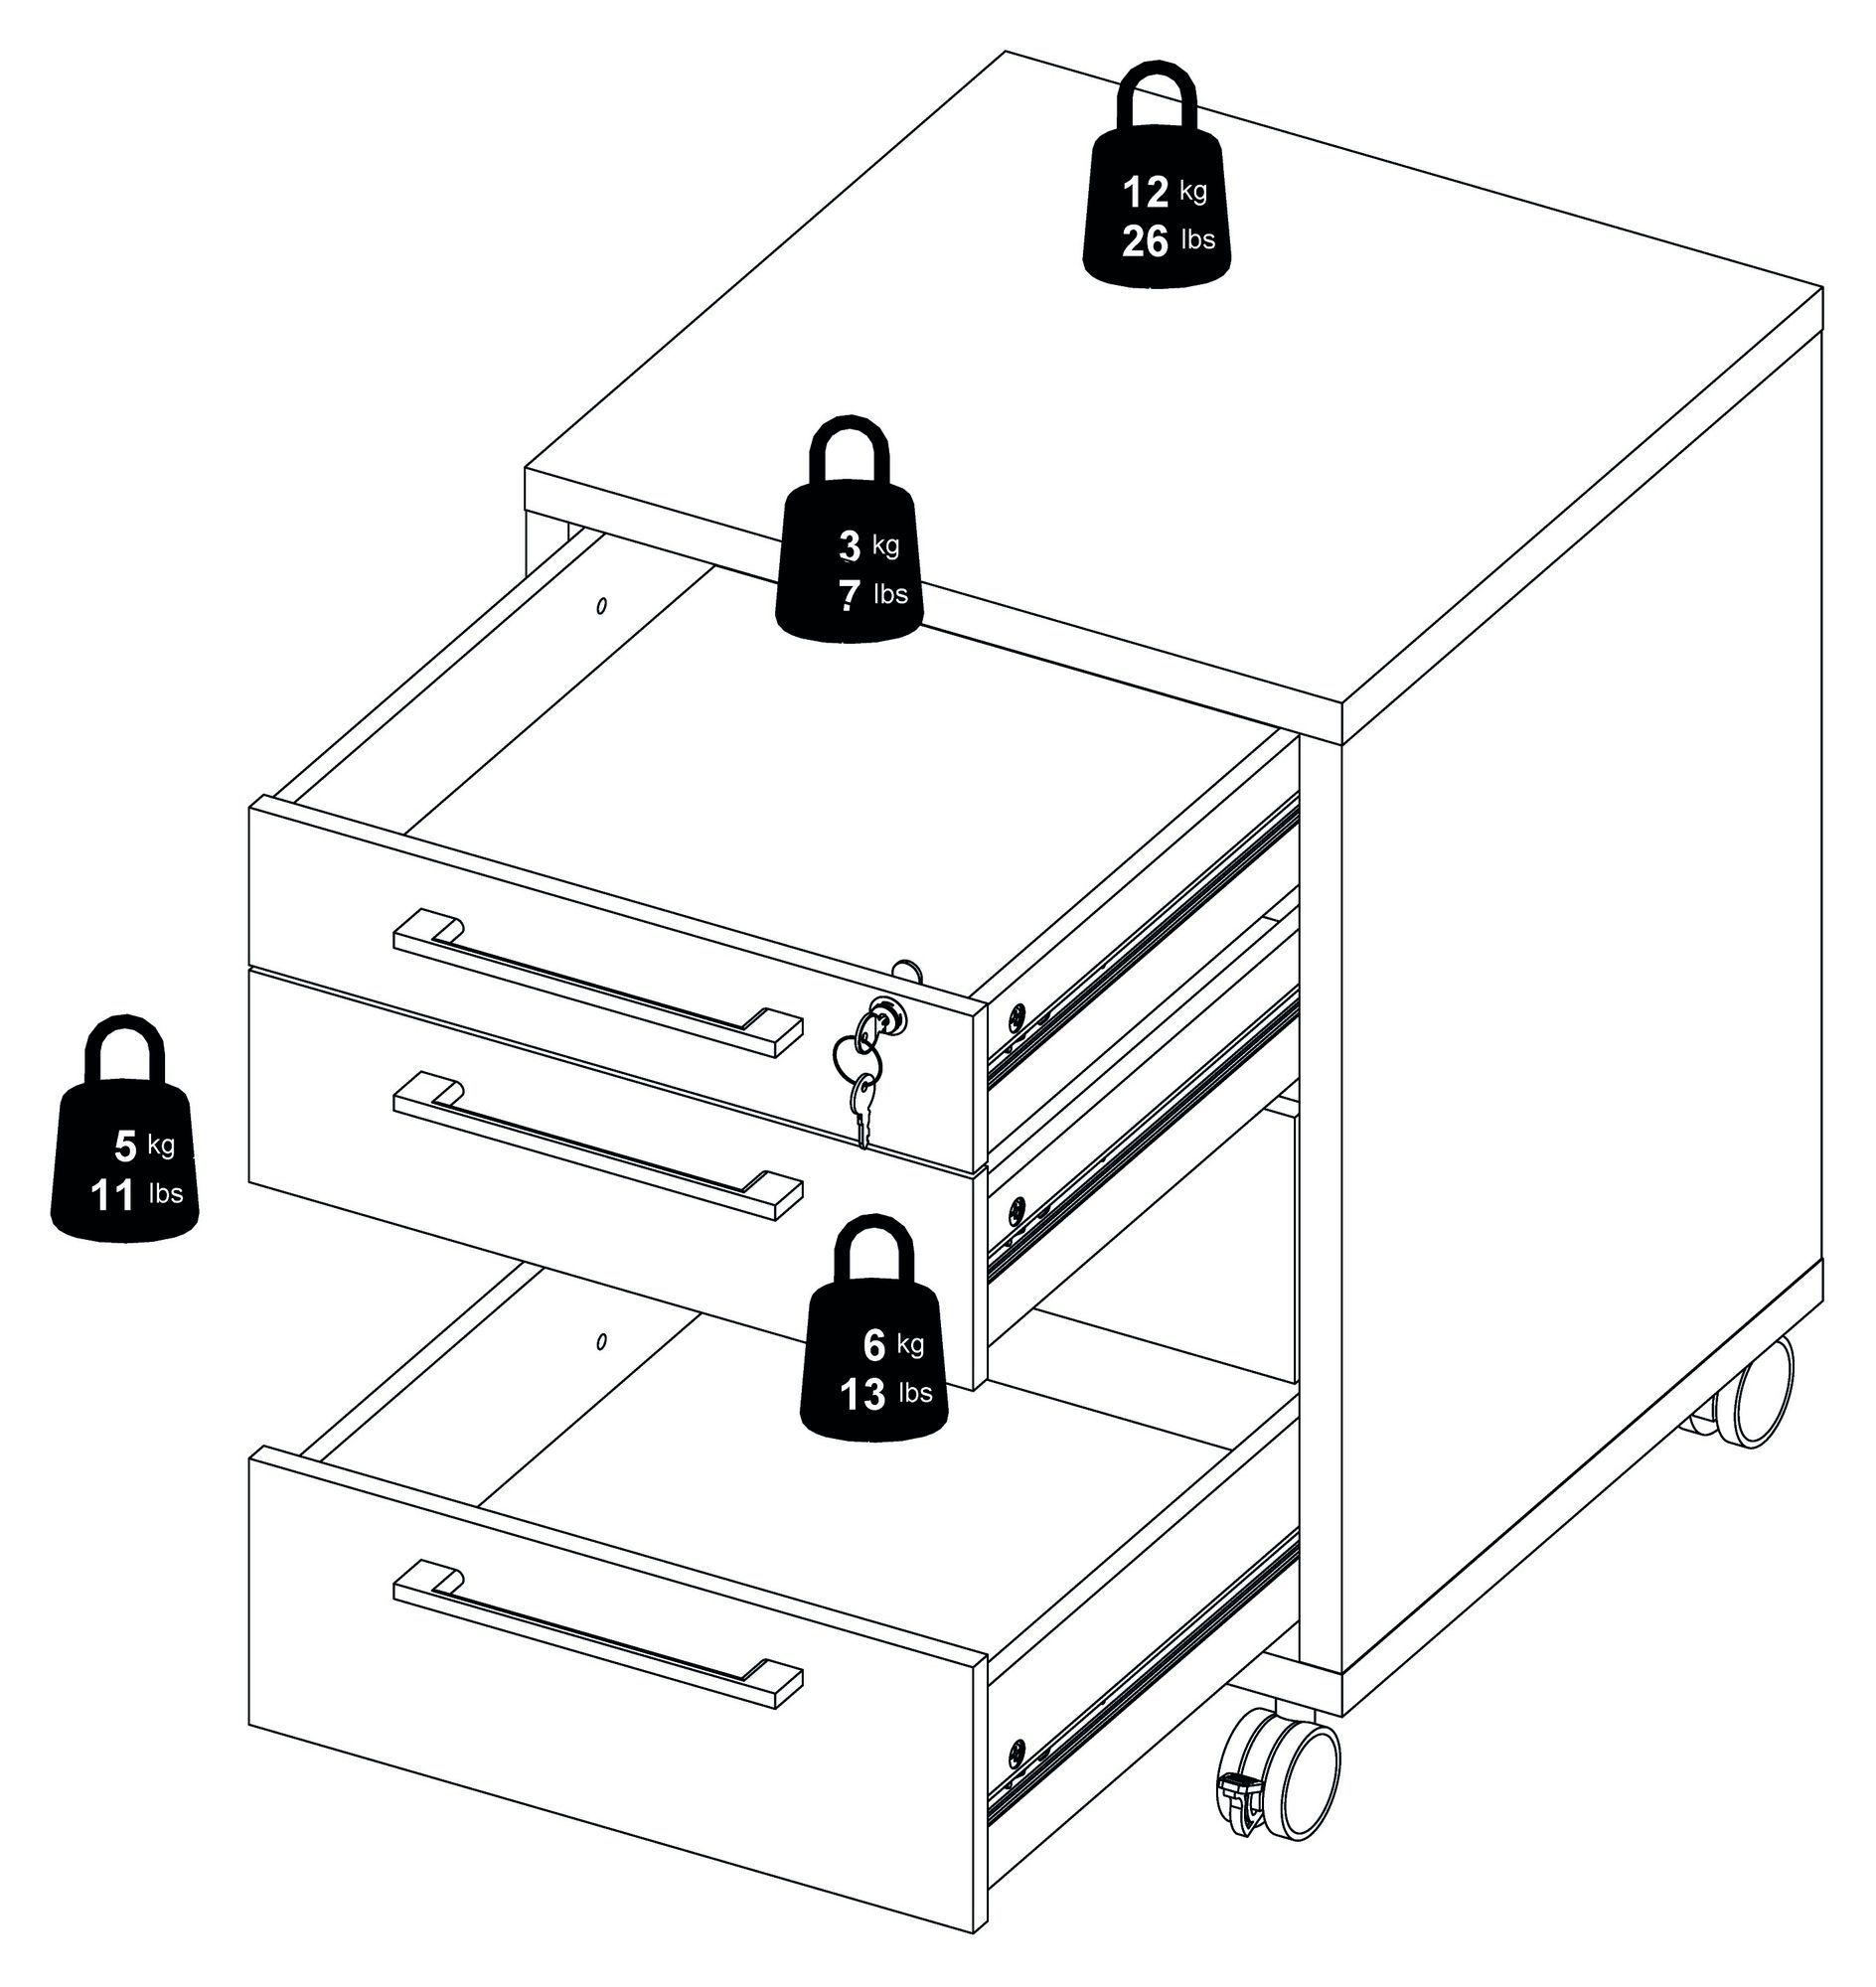 Prima Skuffemodul - Lys træ m/4 skuffer - Skuffemodul med egetræslook